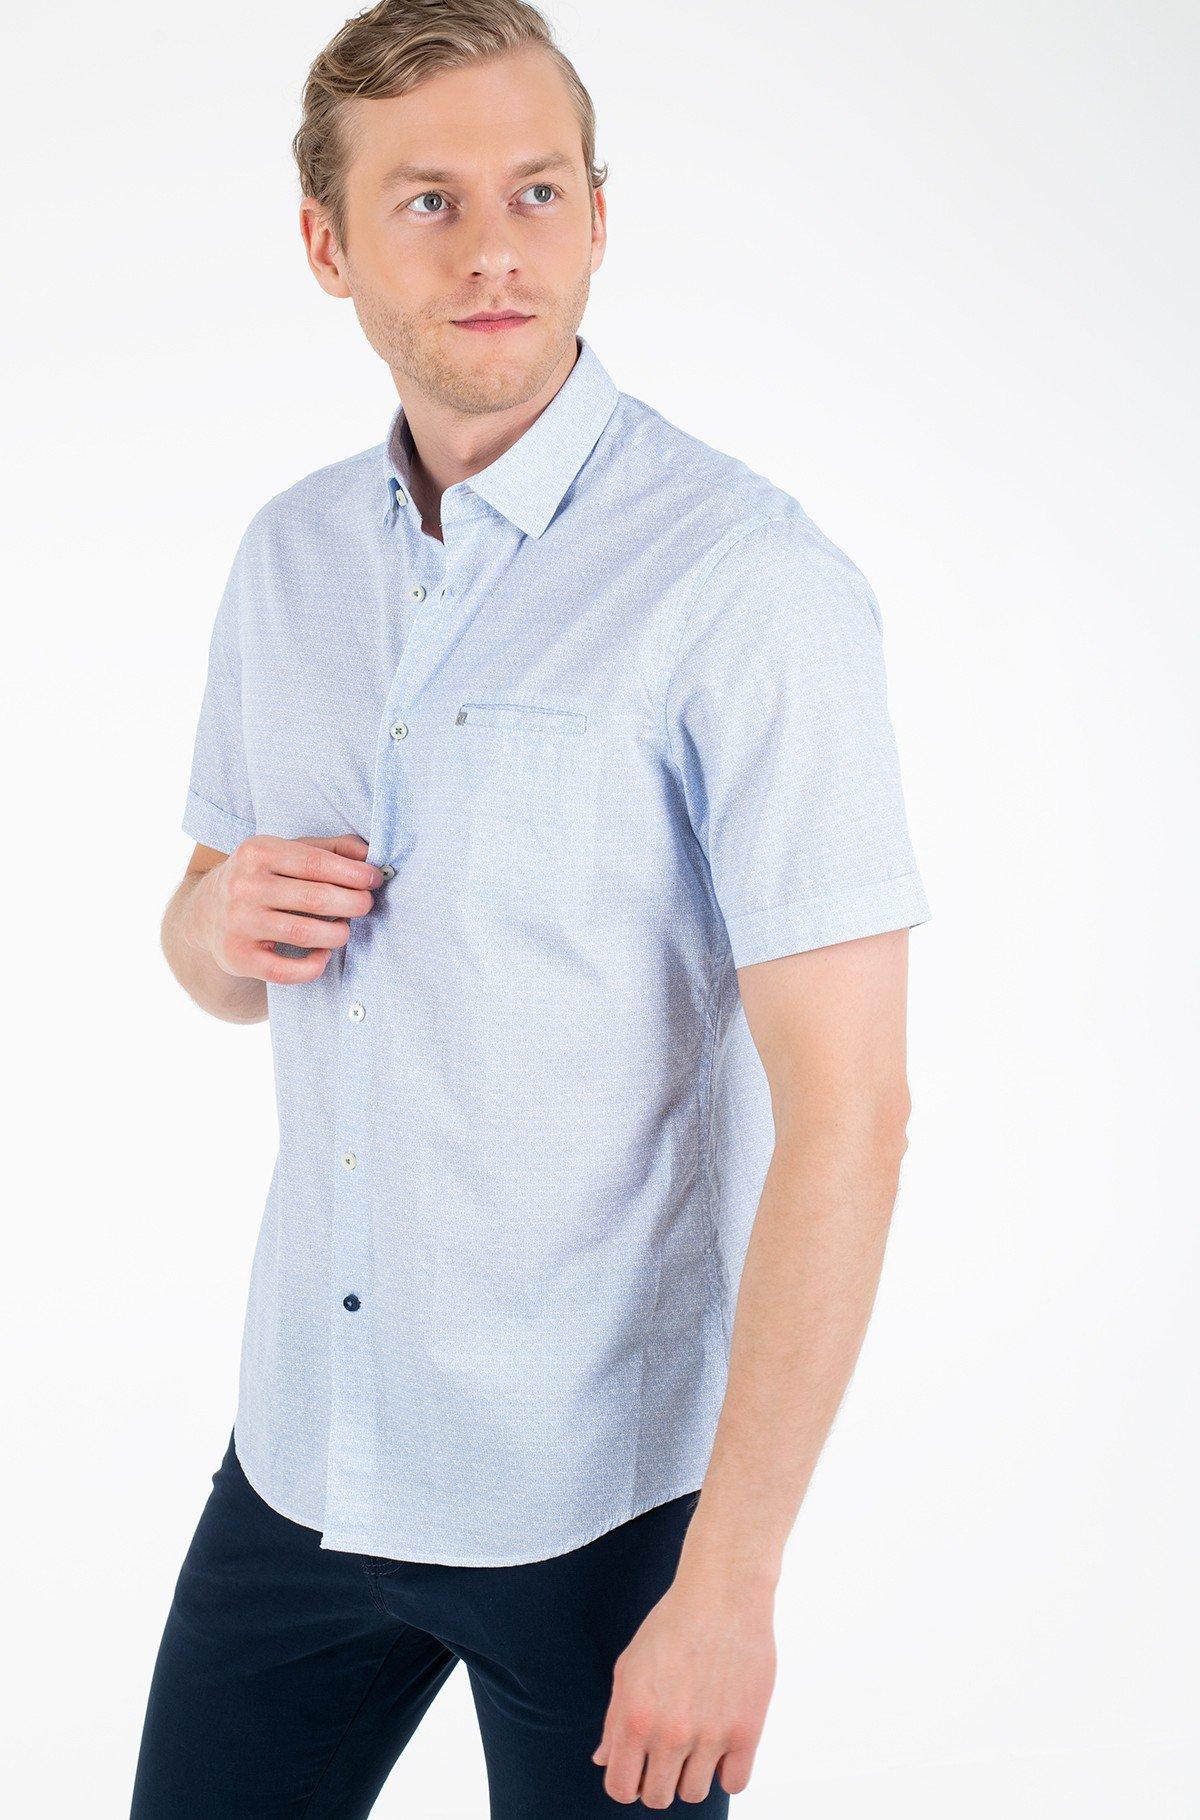 Marškiniai su trumpomis rankovėmis 53911-27123-full-1